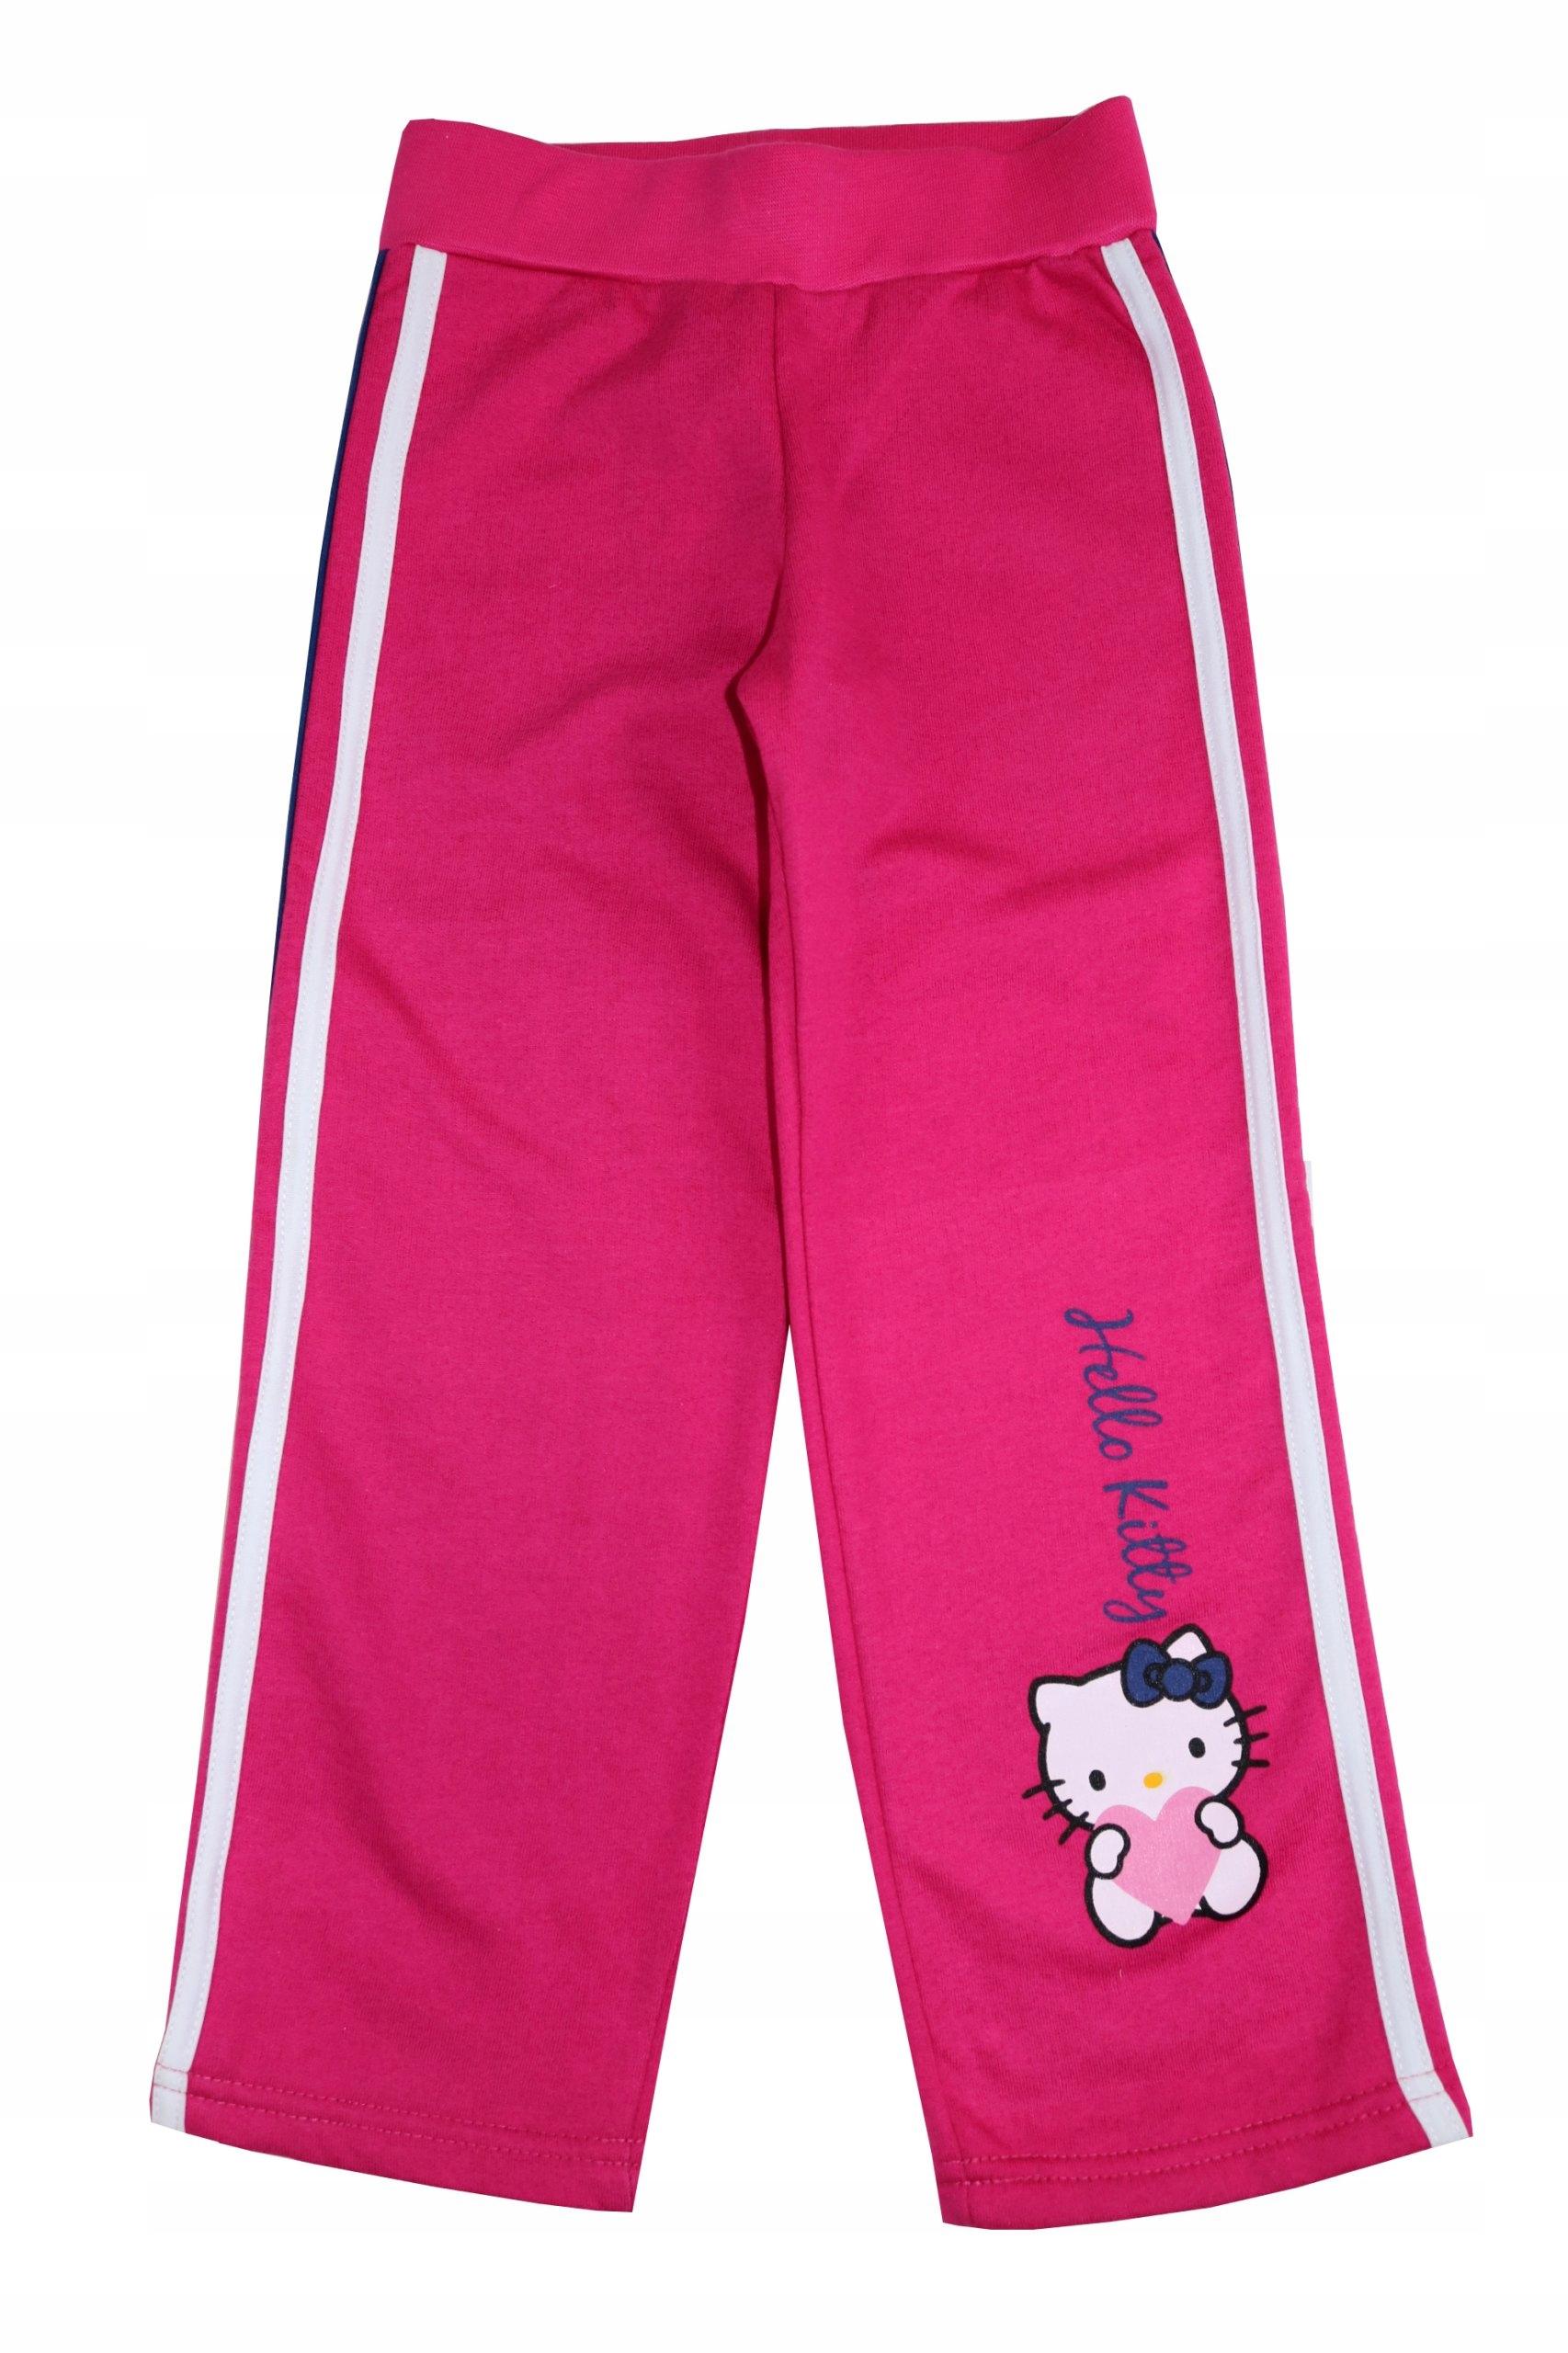 fd93c2a9adb75c Ciepłe spodnie dresowe dziewczęce Hello Kitty 110 - 7021815630 ...